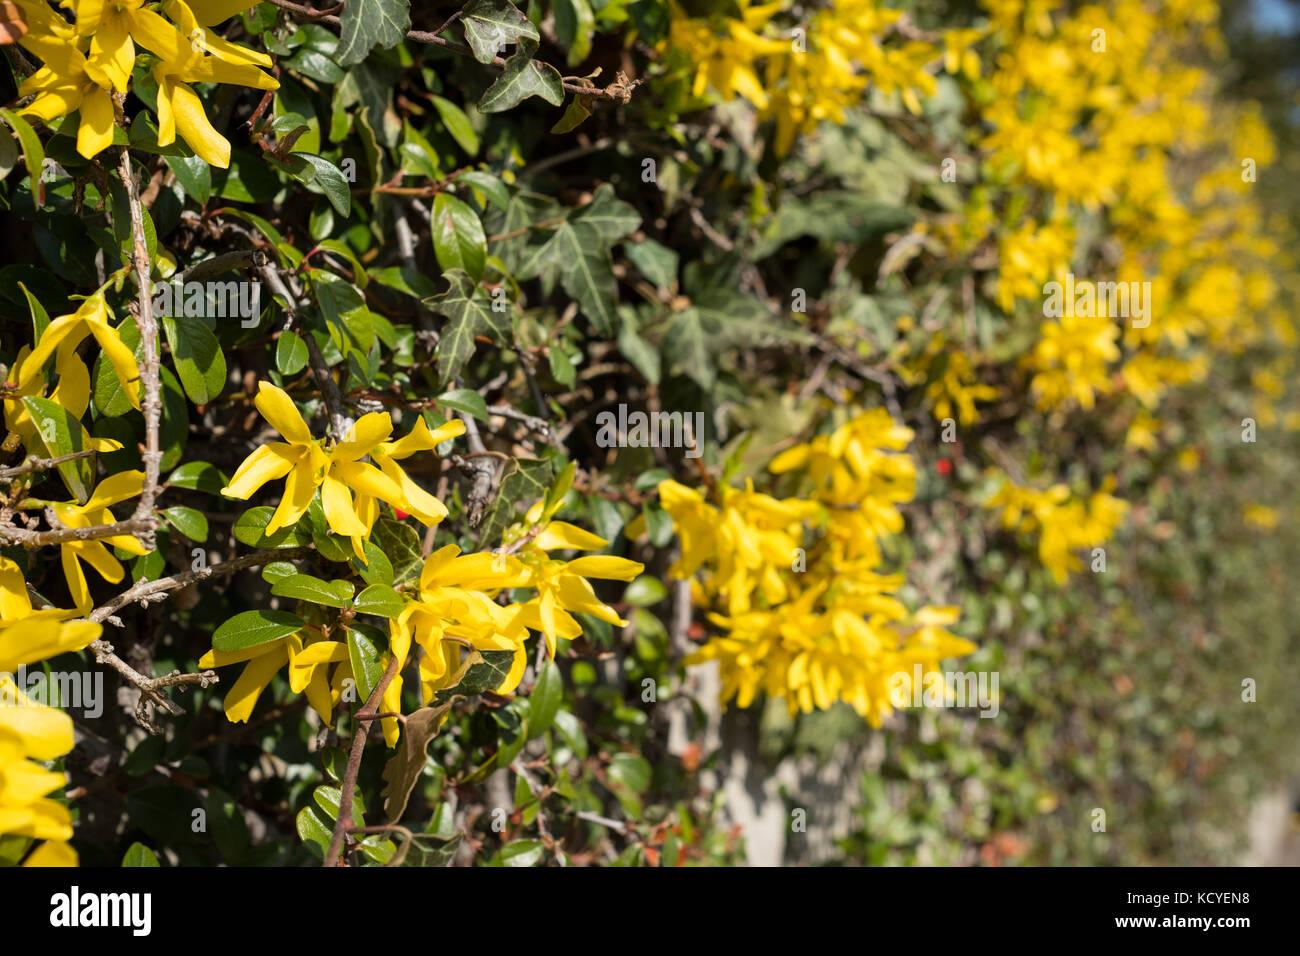 Fiori Gialli Coltivati.Hedge Con Fiori Gialli Di Coltivazione In Primavera Foto